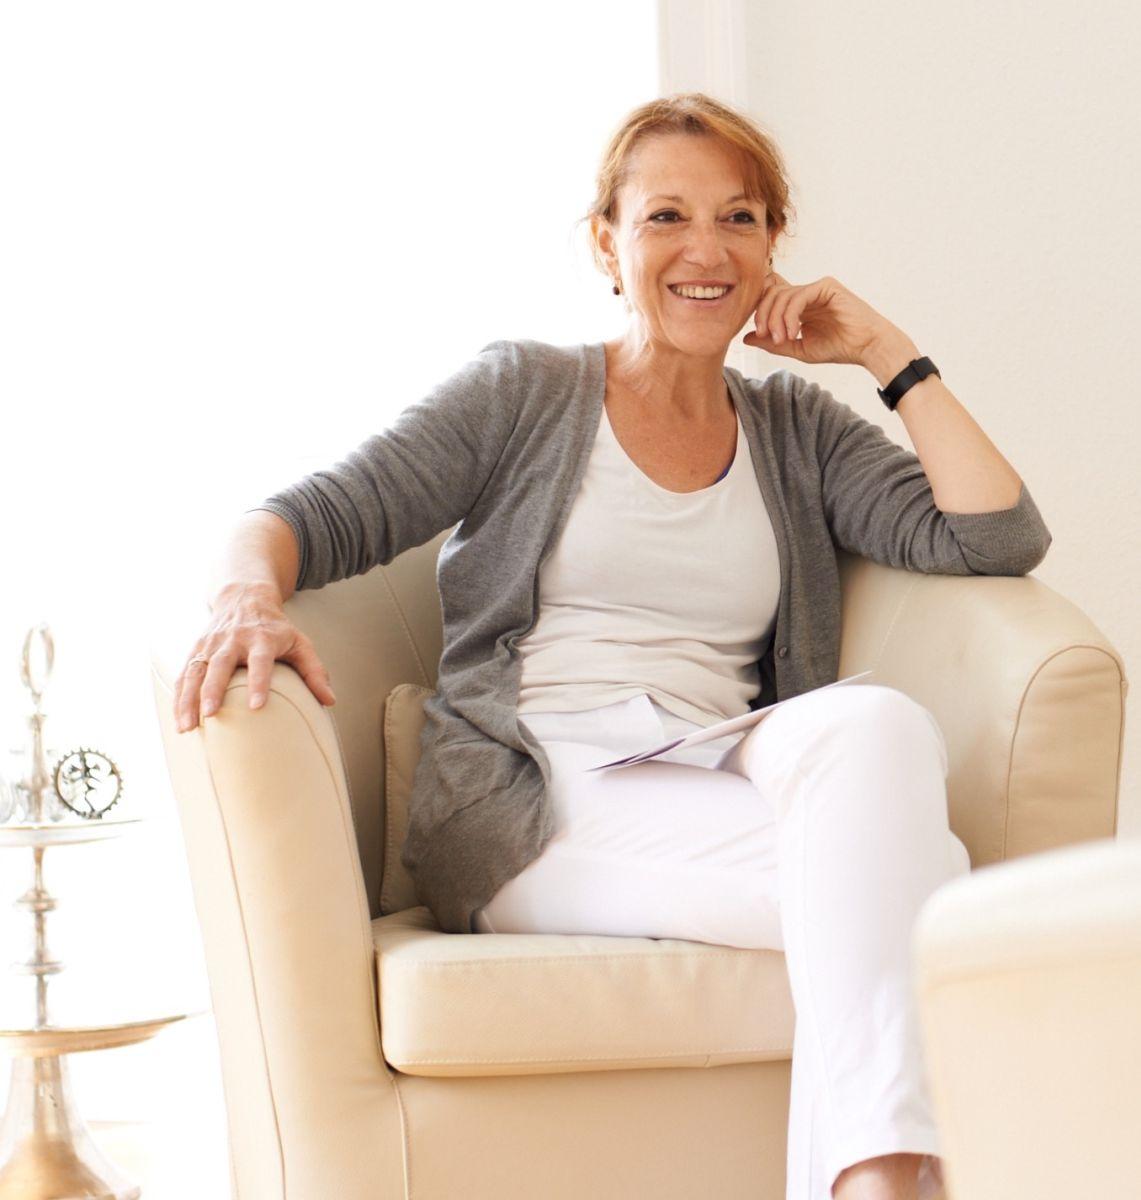 Susanne Wenzel aus Wiesbaden sitzt auf einem hellen Sessel und hat ihre Beine übereinander geschlagen. Sie stützt Ihren Kopf mit einer Hand ab, die auf der Sessellehne liegt. Sie lacht herzlich und schaut geradeaus. Ihr langen rot braunen Haare trägt sie